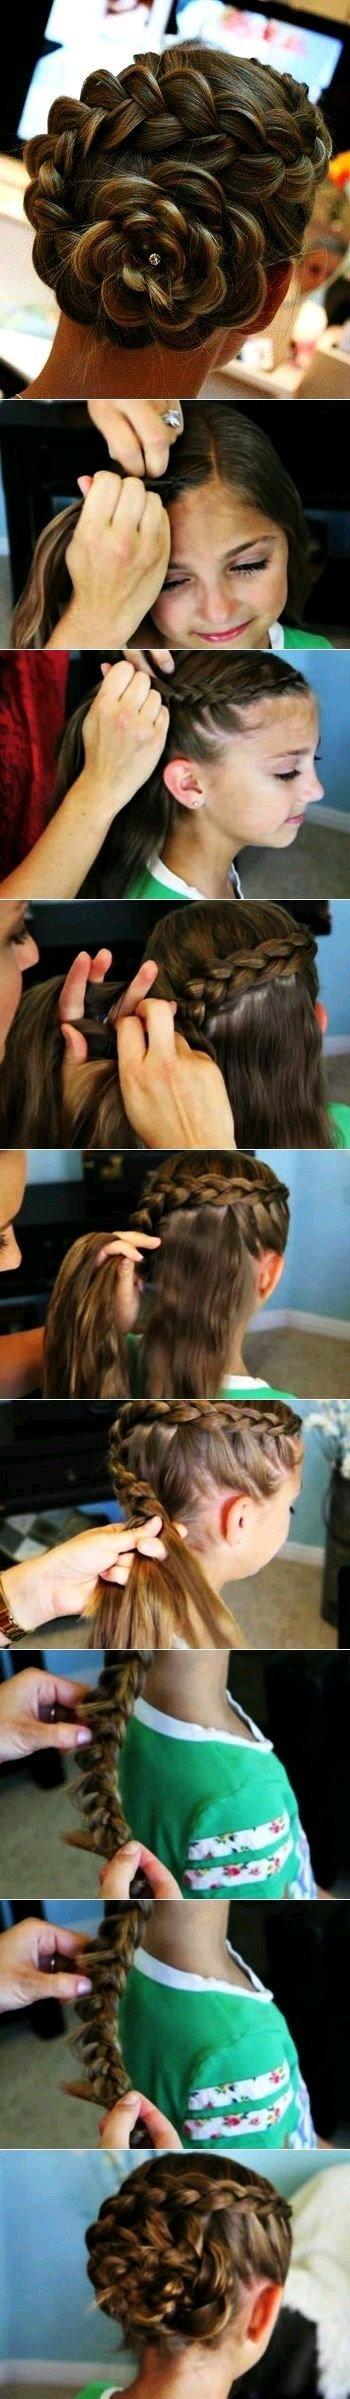 طريقة عمل تسريحة الكعكة بواسطة ظفائر الشعر بالصور #تسريحات